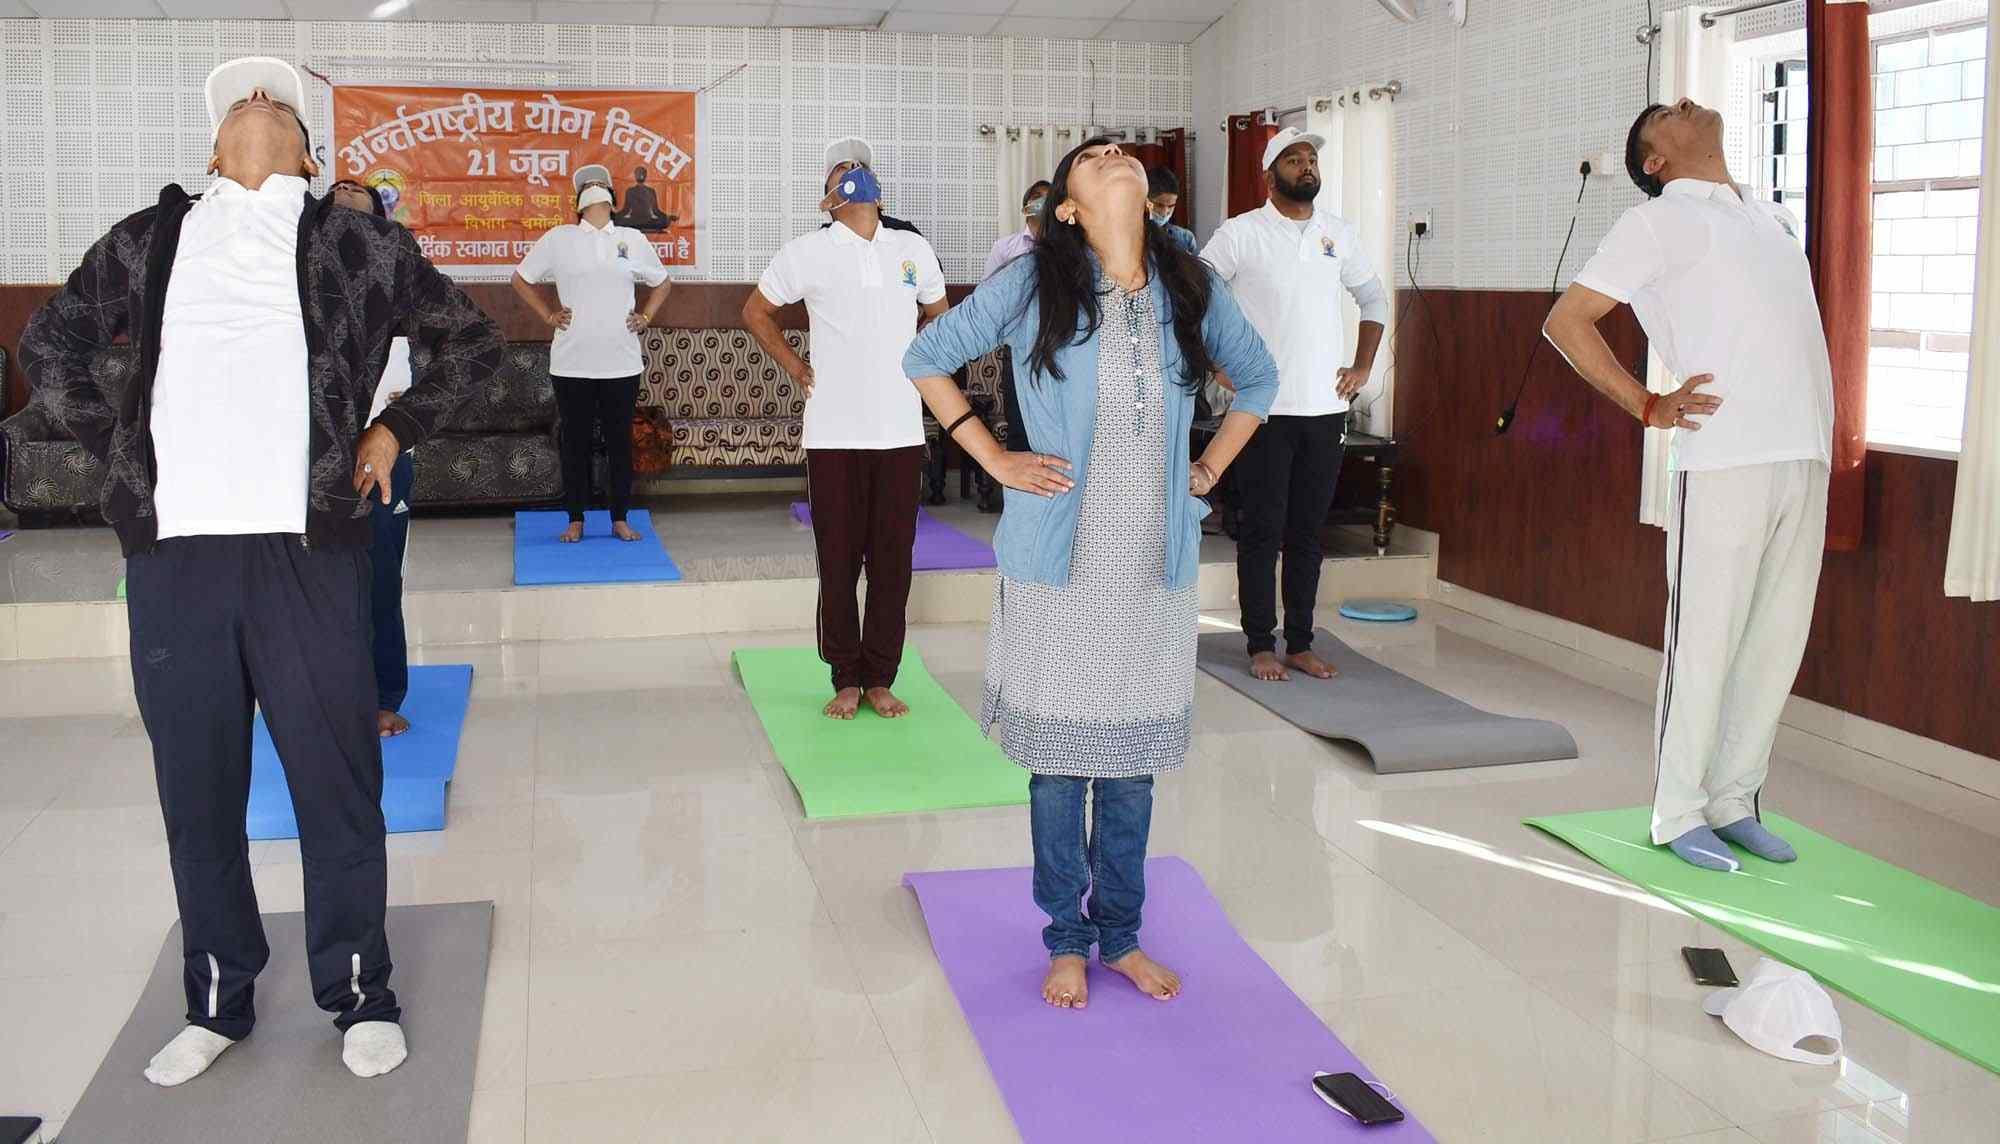 डीएम चमोली स्वाति भदौरिया के नेतृत्व में अधिकारियों ने किया योगाभ्यास